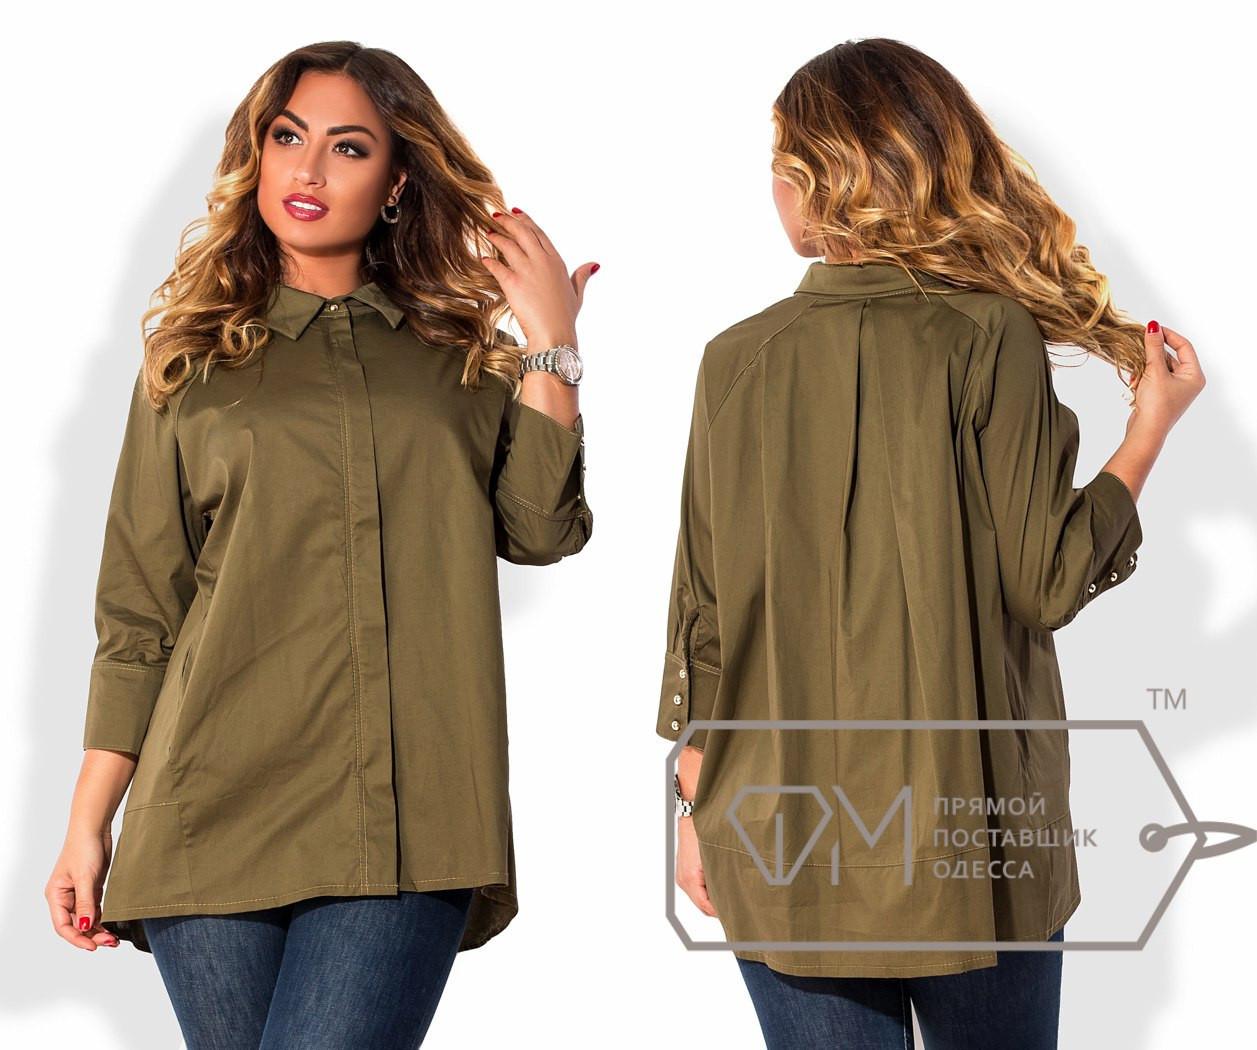 Женская свободная рубашка в батальных размерах w-15uk827